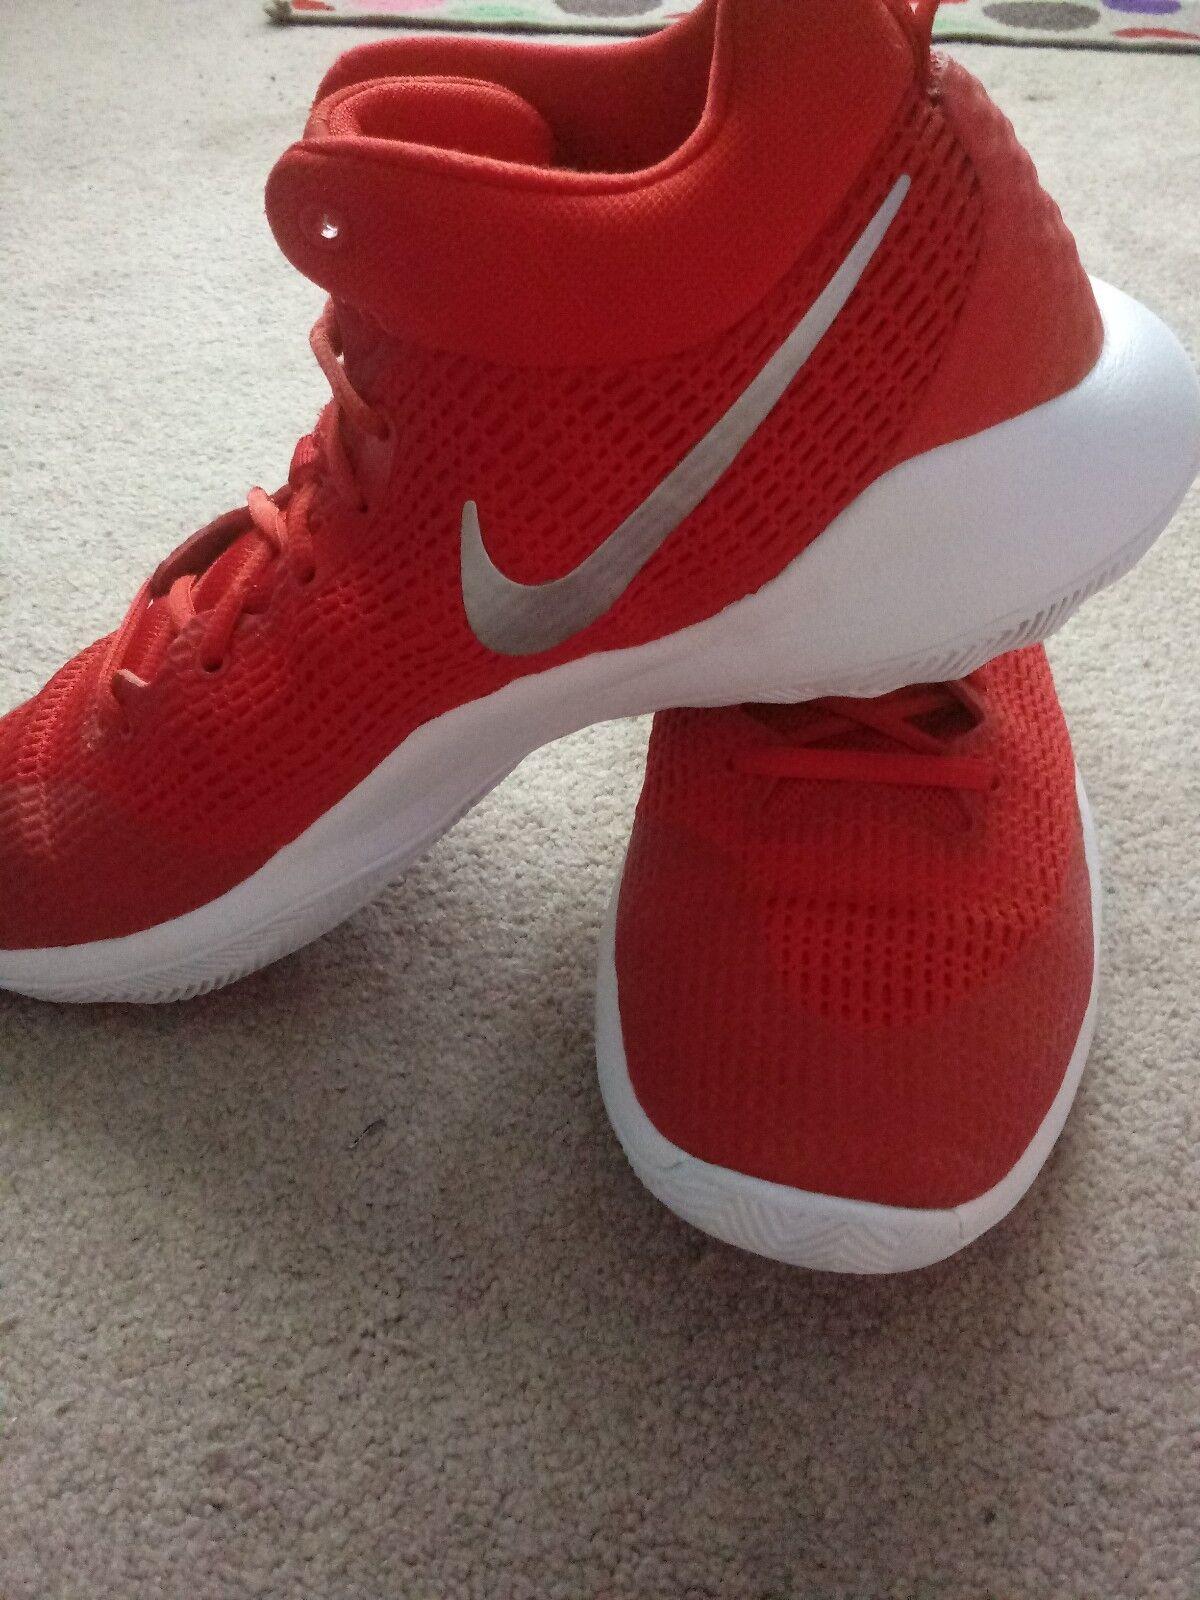 Nike Zoom shoes size 13 13 13 e809ed